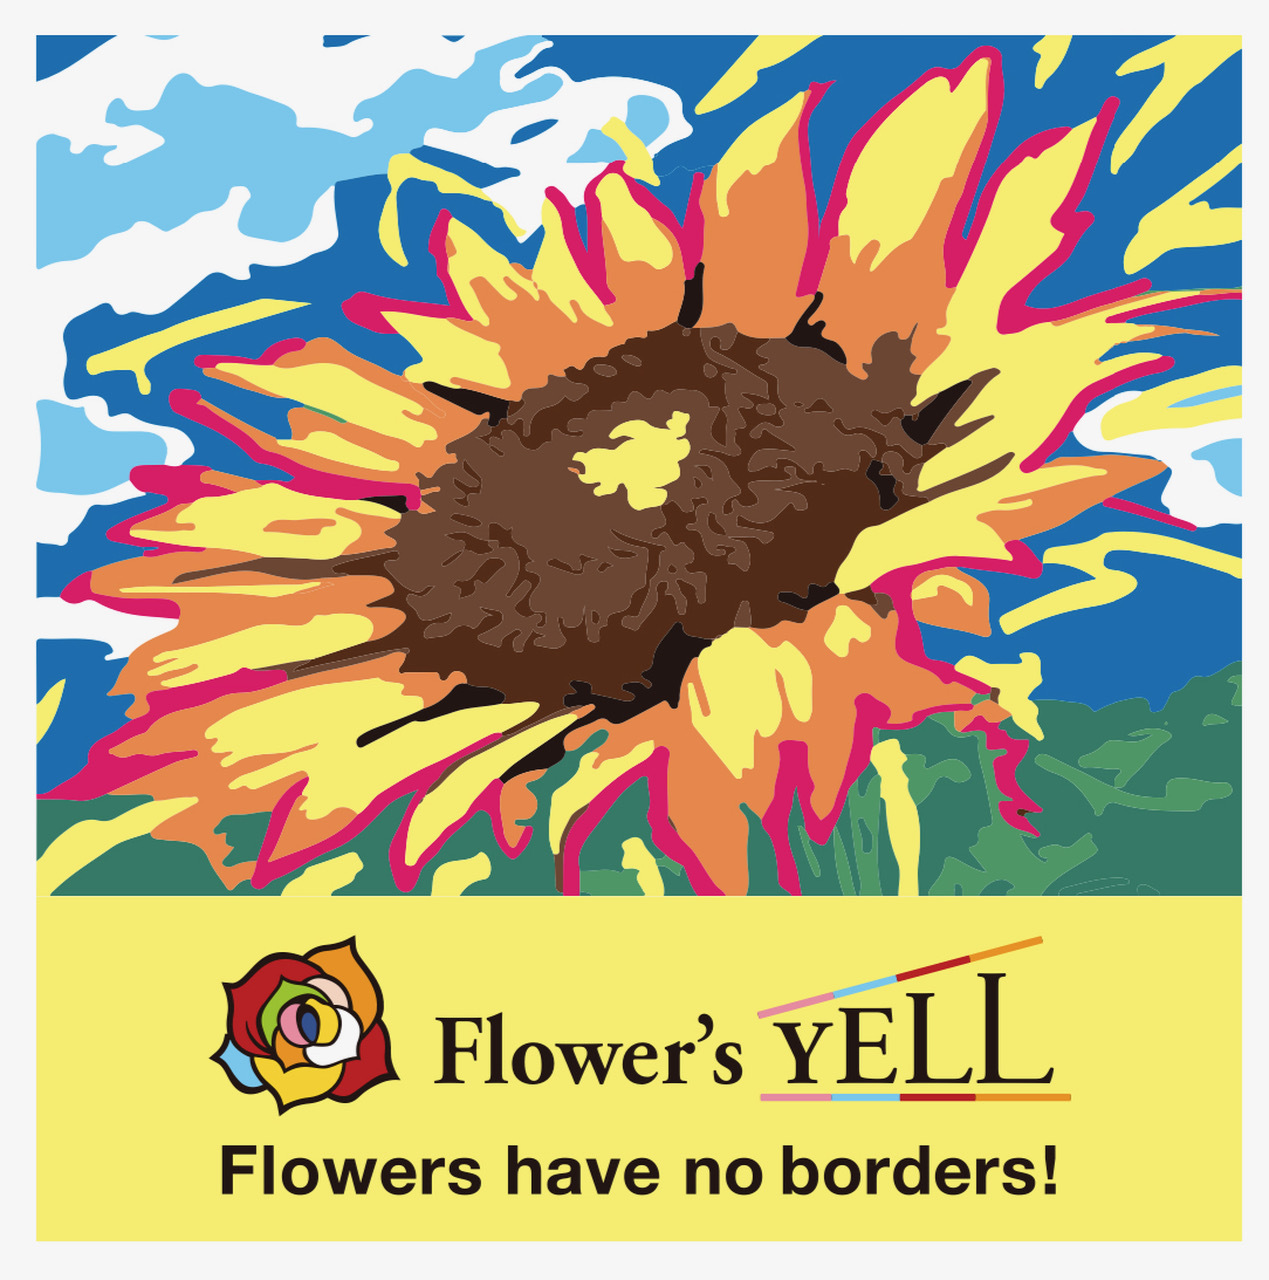 """4,000本のバラの生花で描く""""Flower's YELL(花のエール)""""!東京ミッドタウン日比谷に... 画像"""